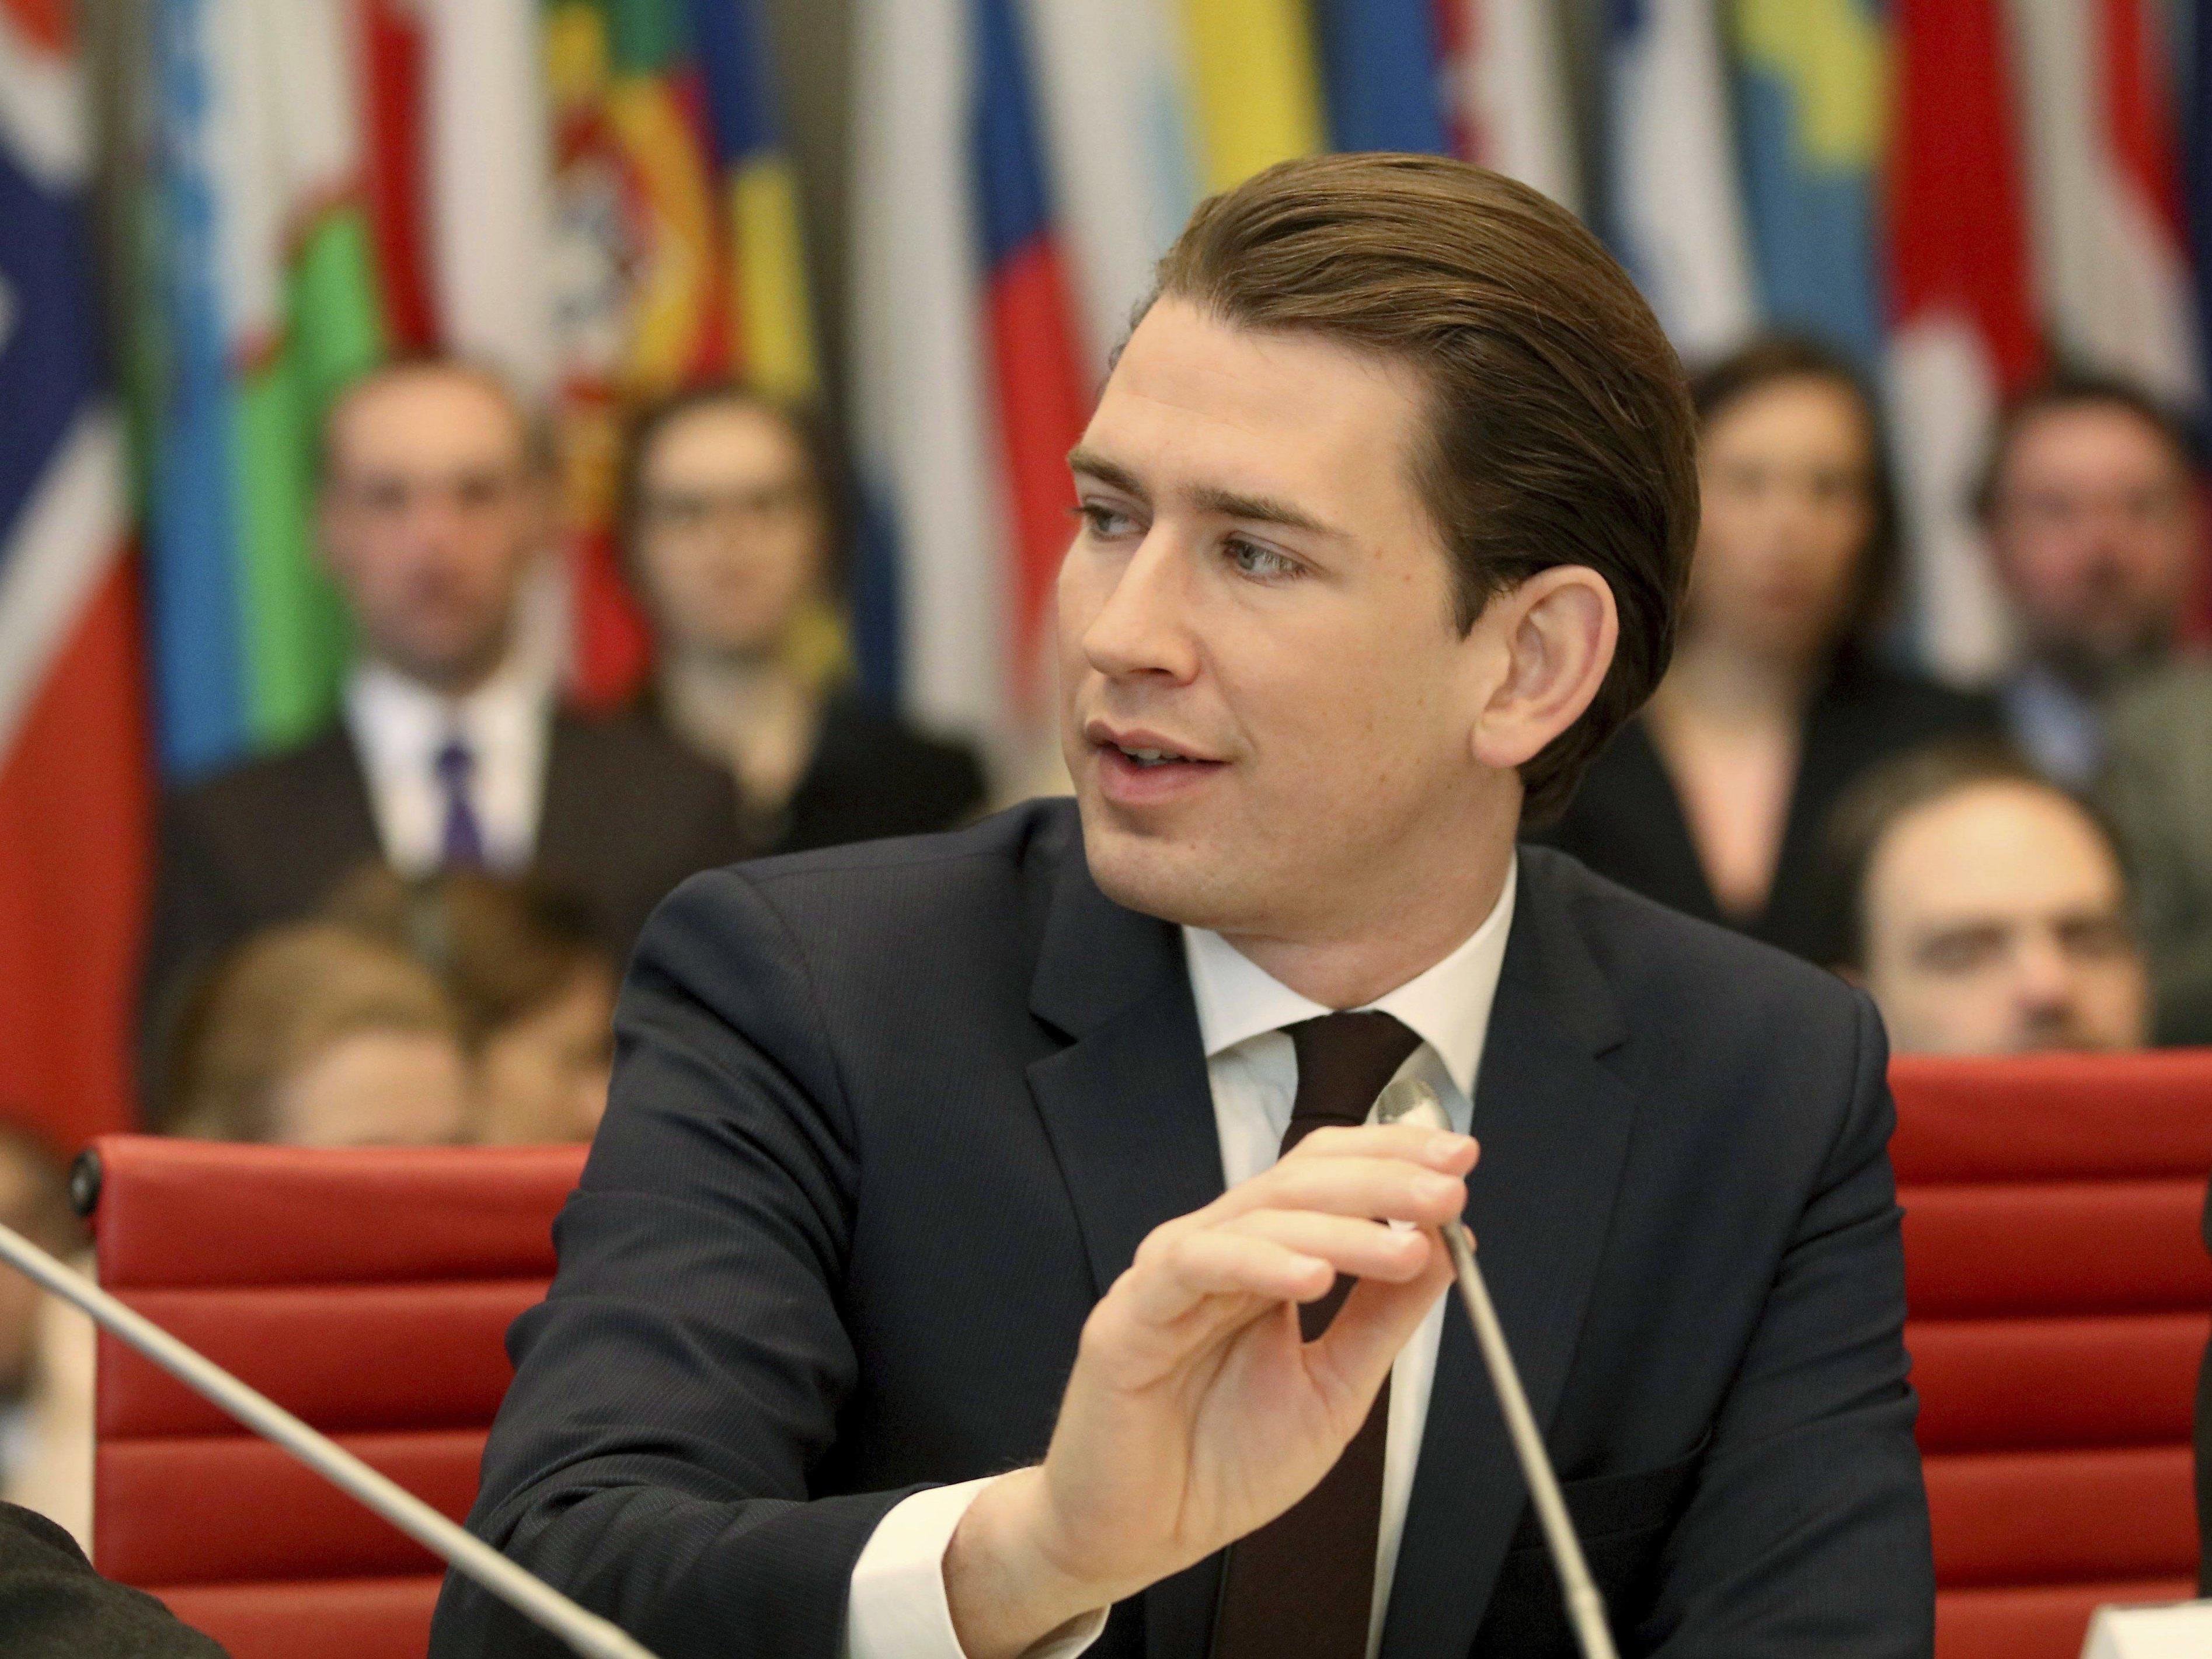 Außenminister Kurz punktet bei Jungwählern